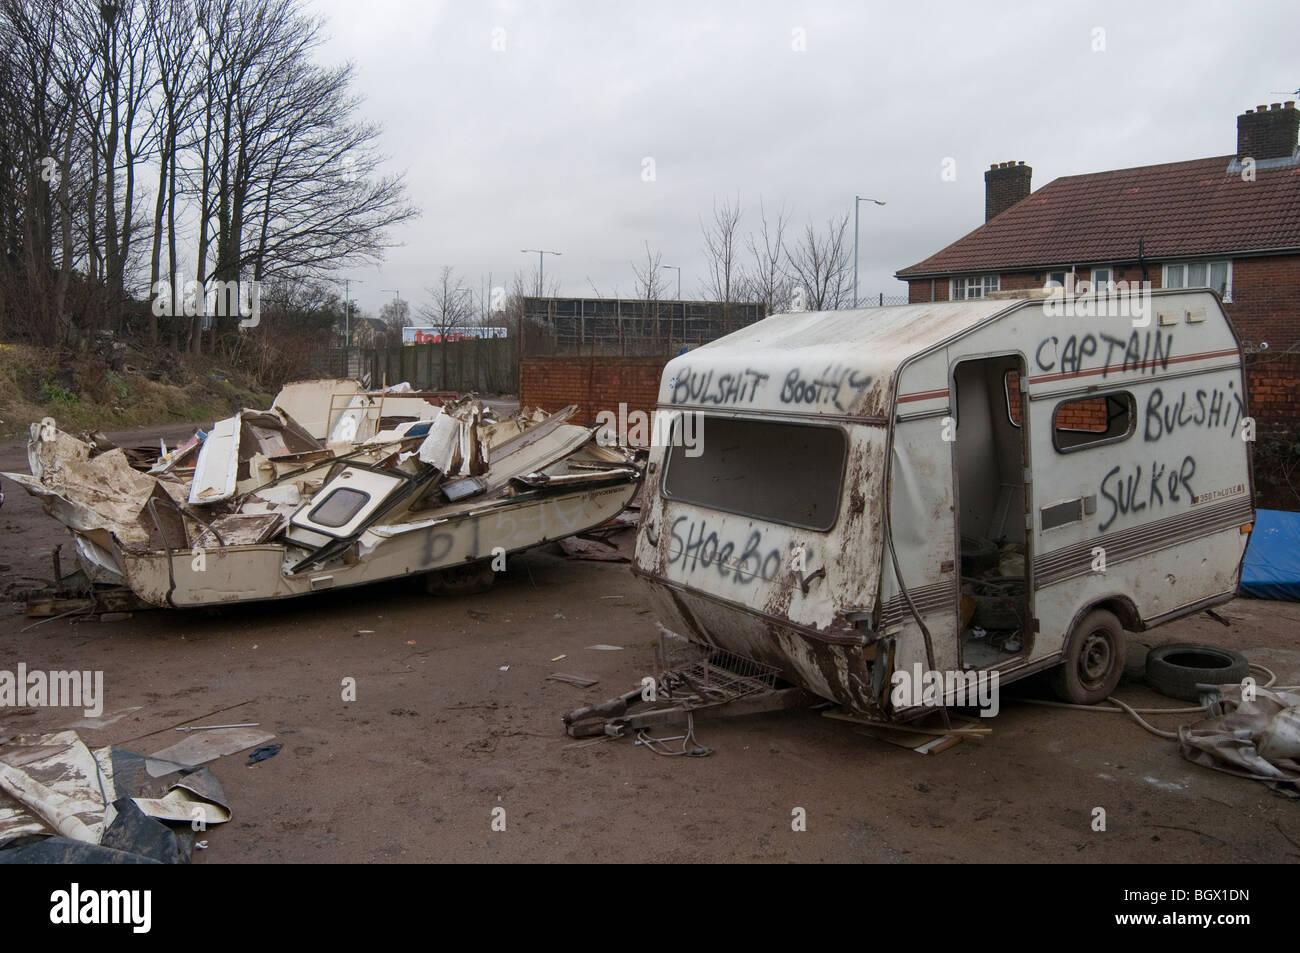 caravan caravans smashed up old vans camping camper